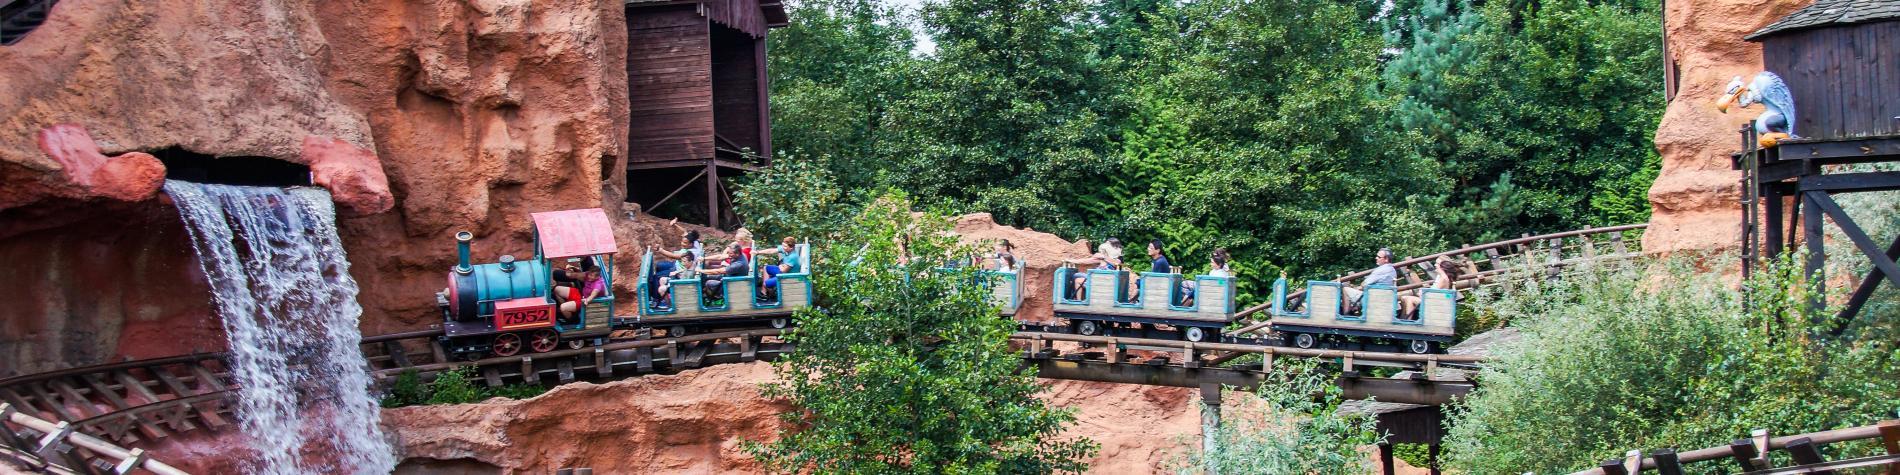 Le train du Calamity Mine du parc Walibi